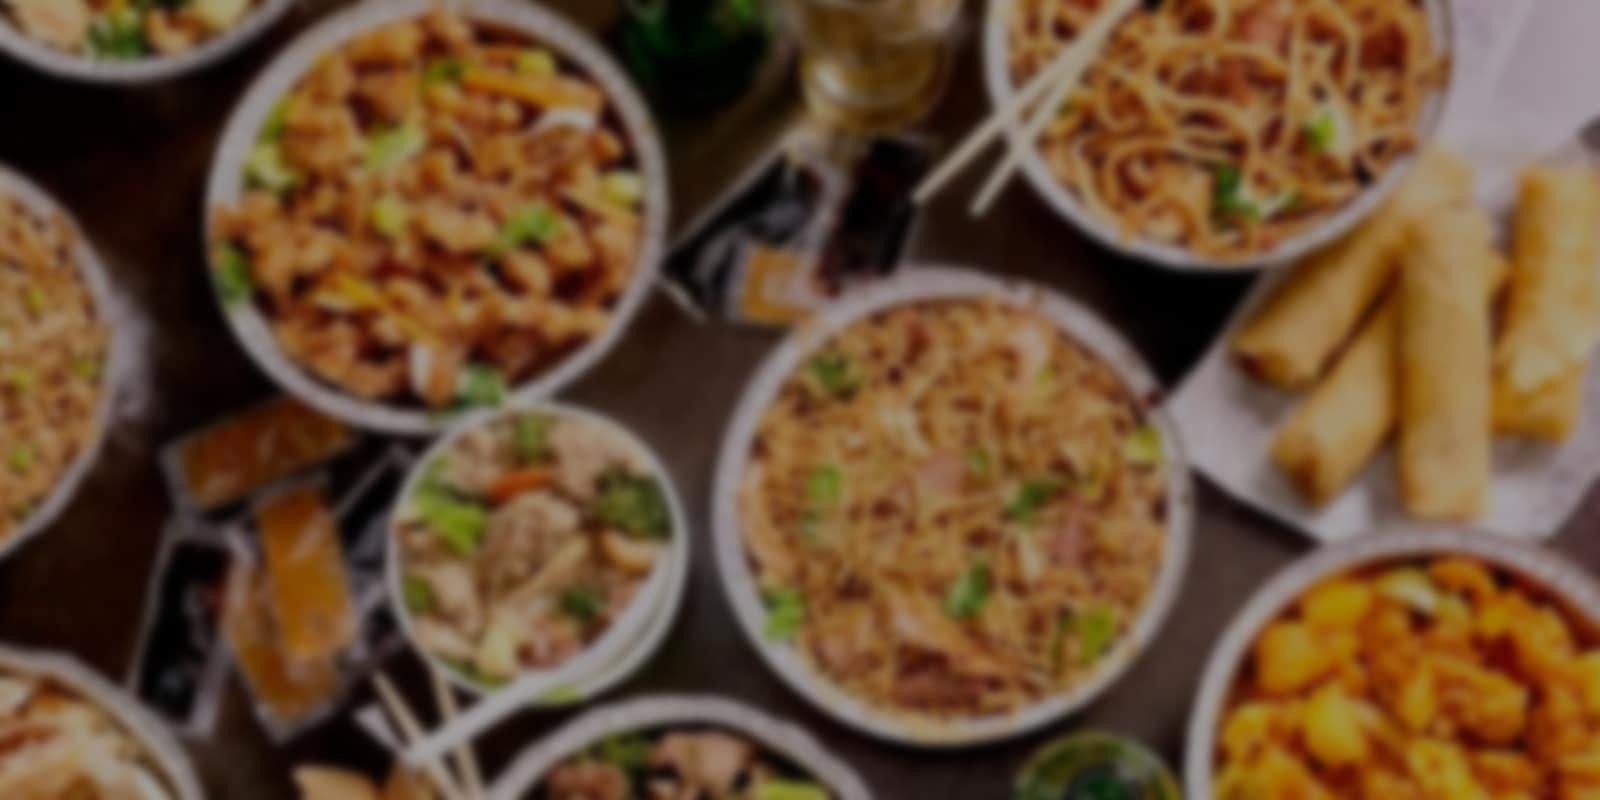 Emperors Garden - FOLSOM, CA - Delivery - FoodJets